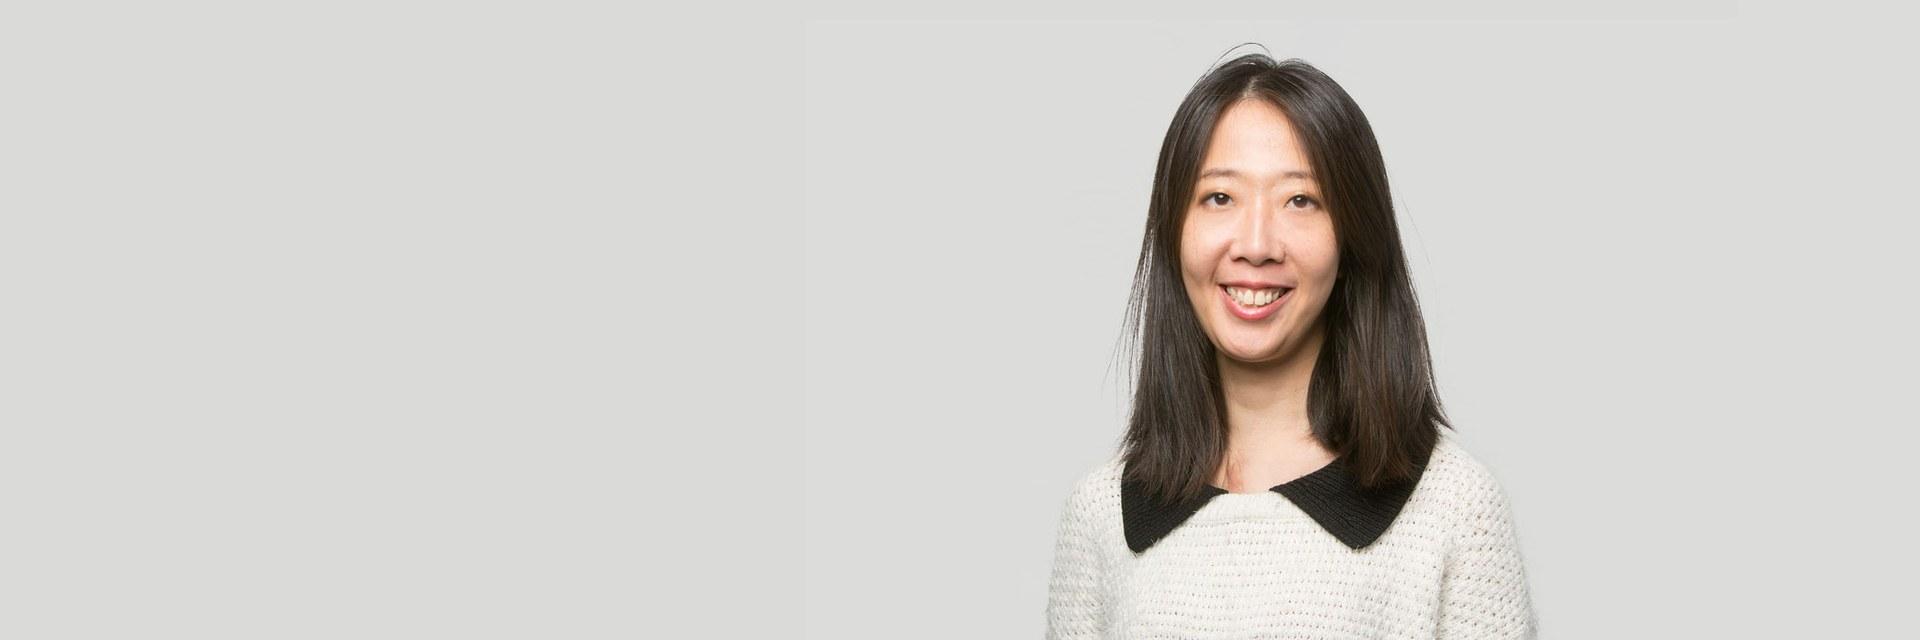 Vivienne Jia Zhong